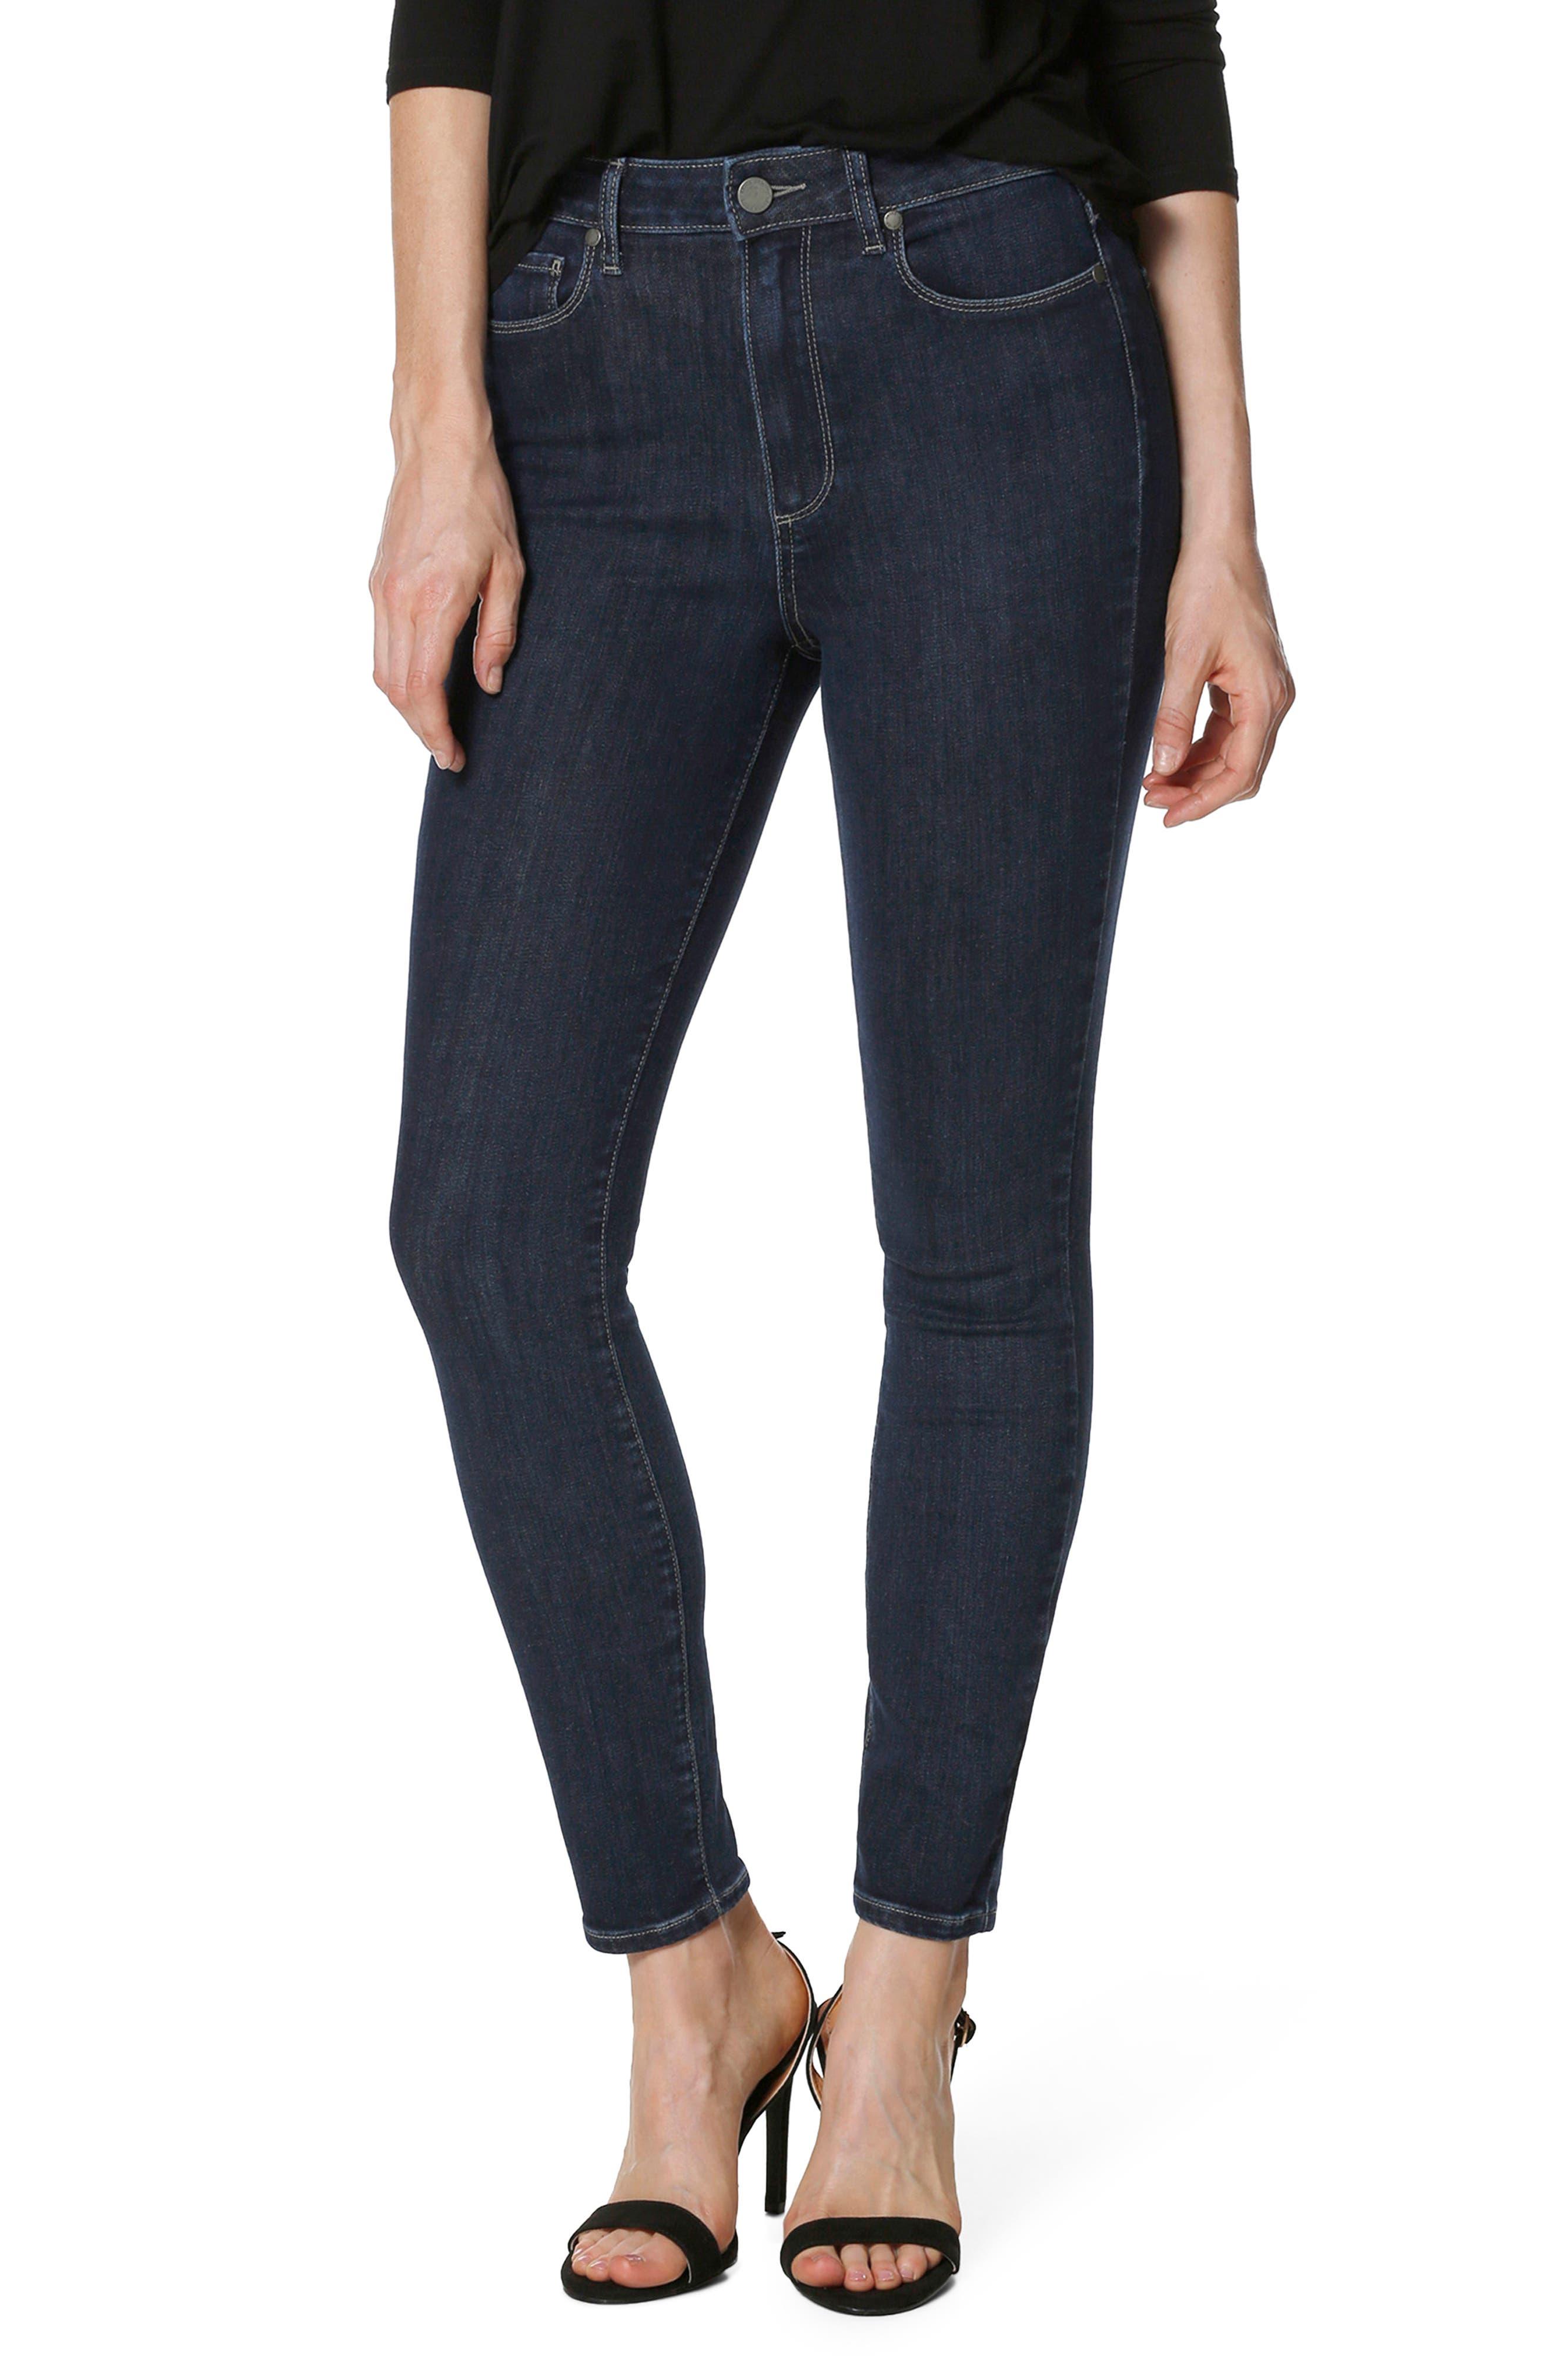 Transcend Vintage - Margot High Waist Ankle Ultra Skinny Jeans,                         Main,                         color, Regal